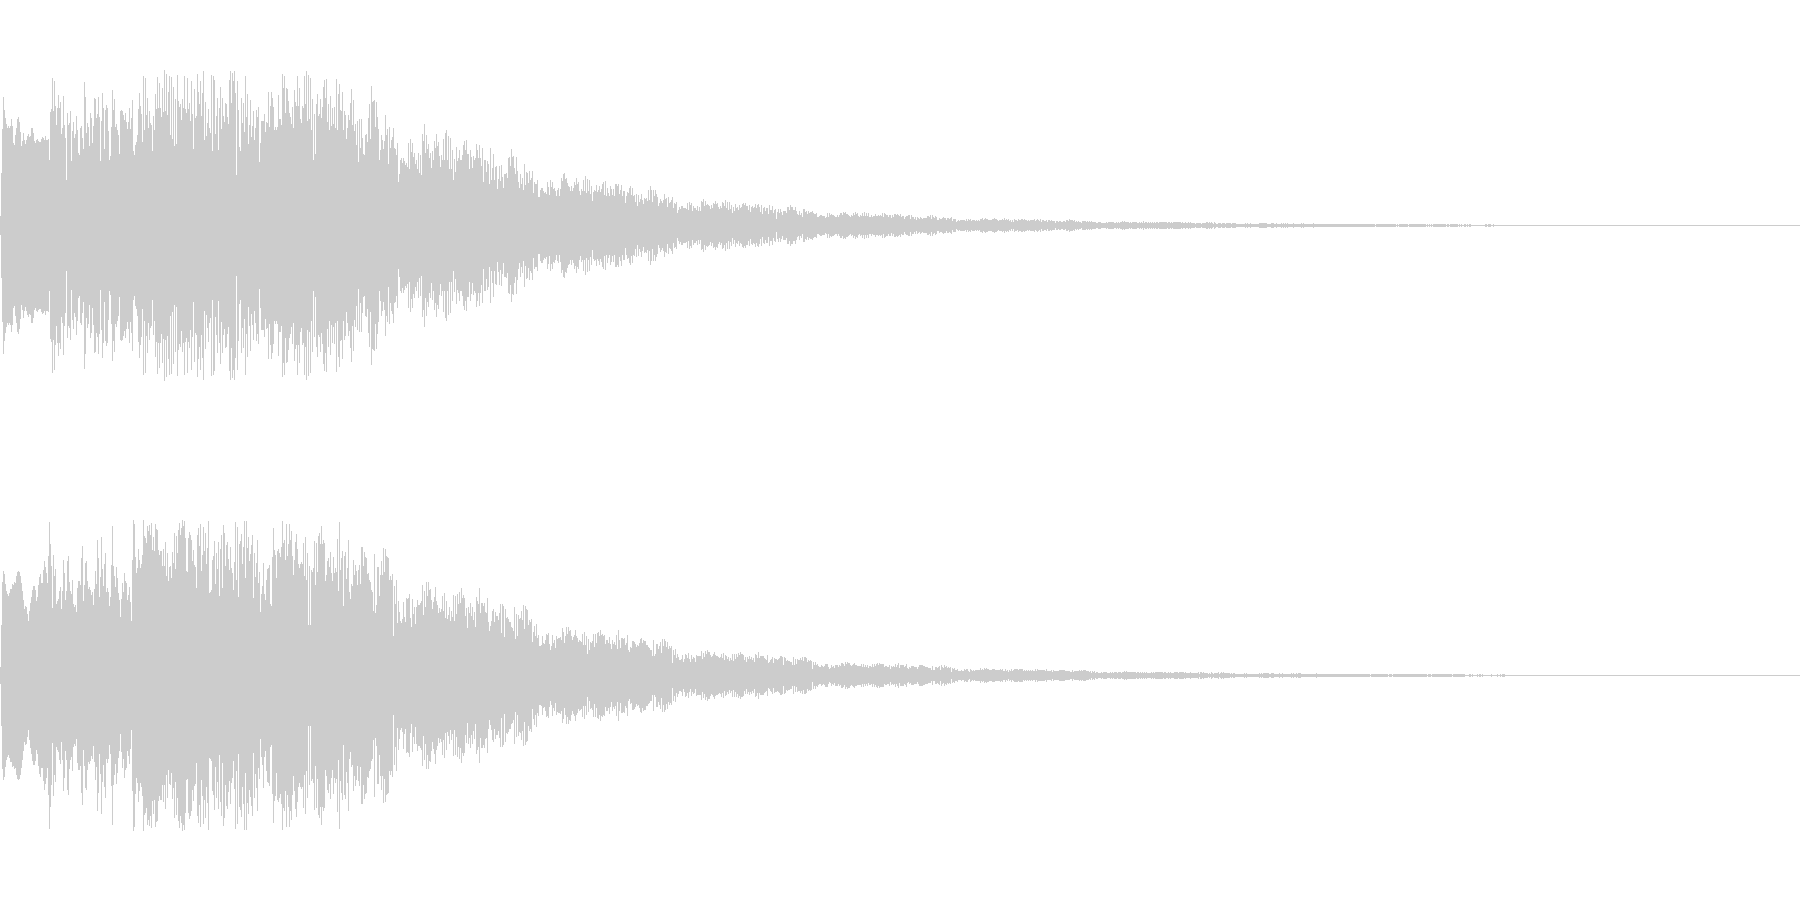 ふわふわした決定音 シンセサイザーの未再生の波形